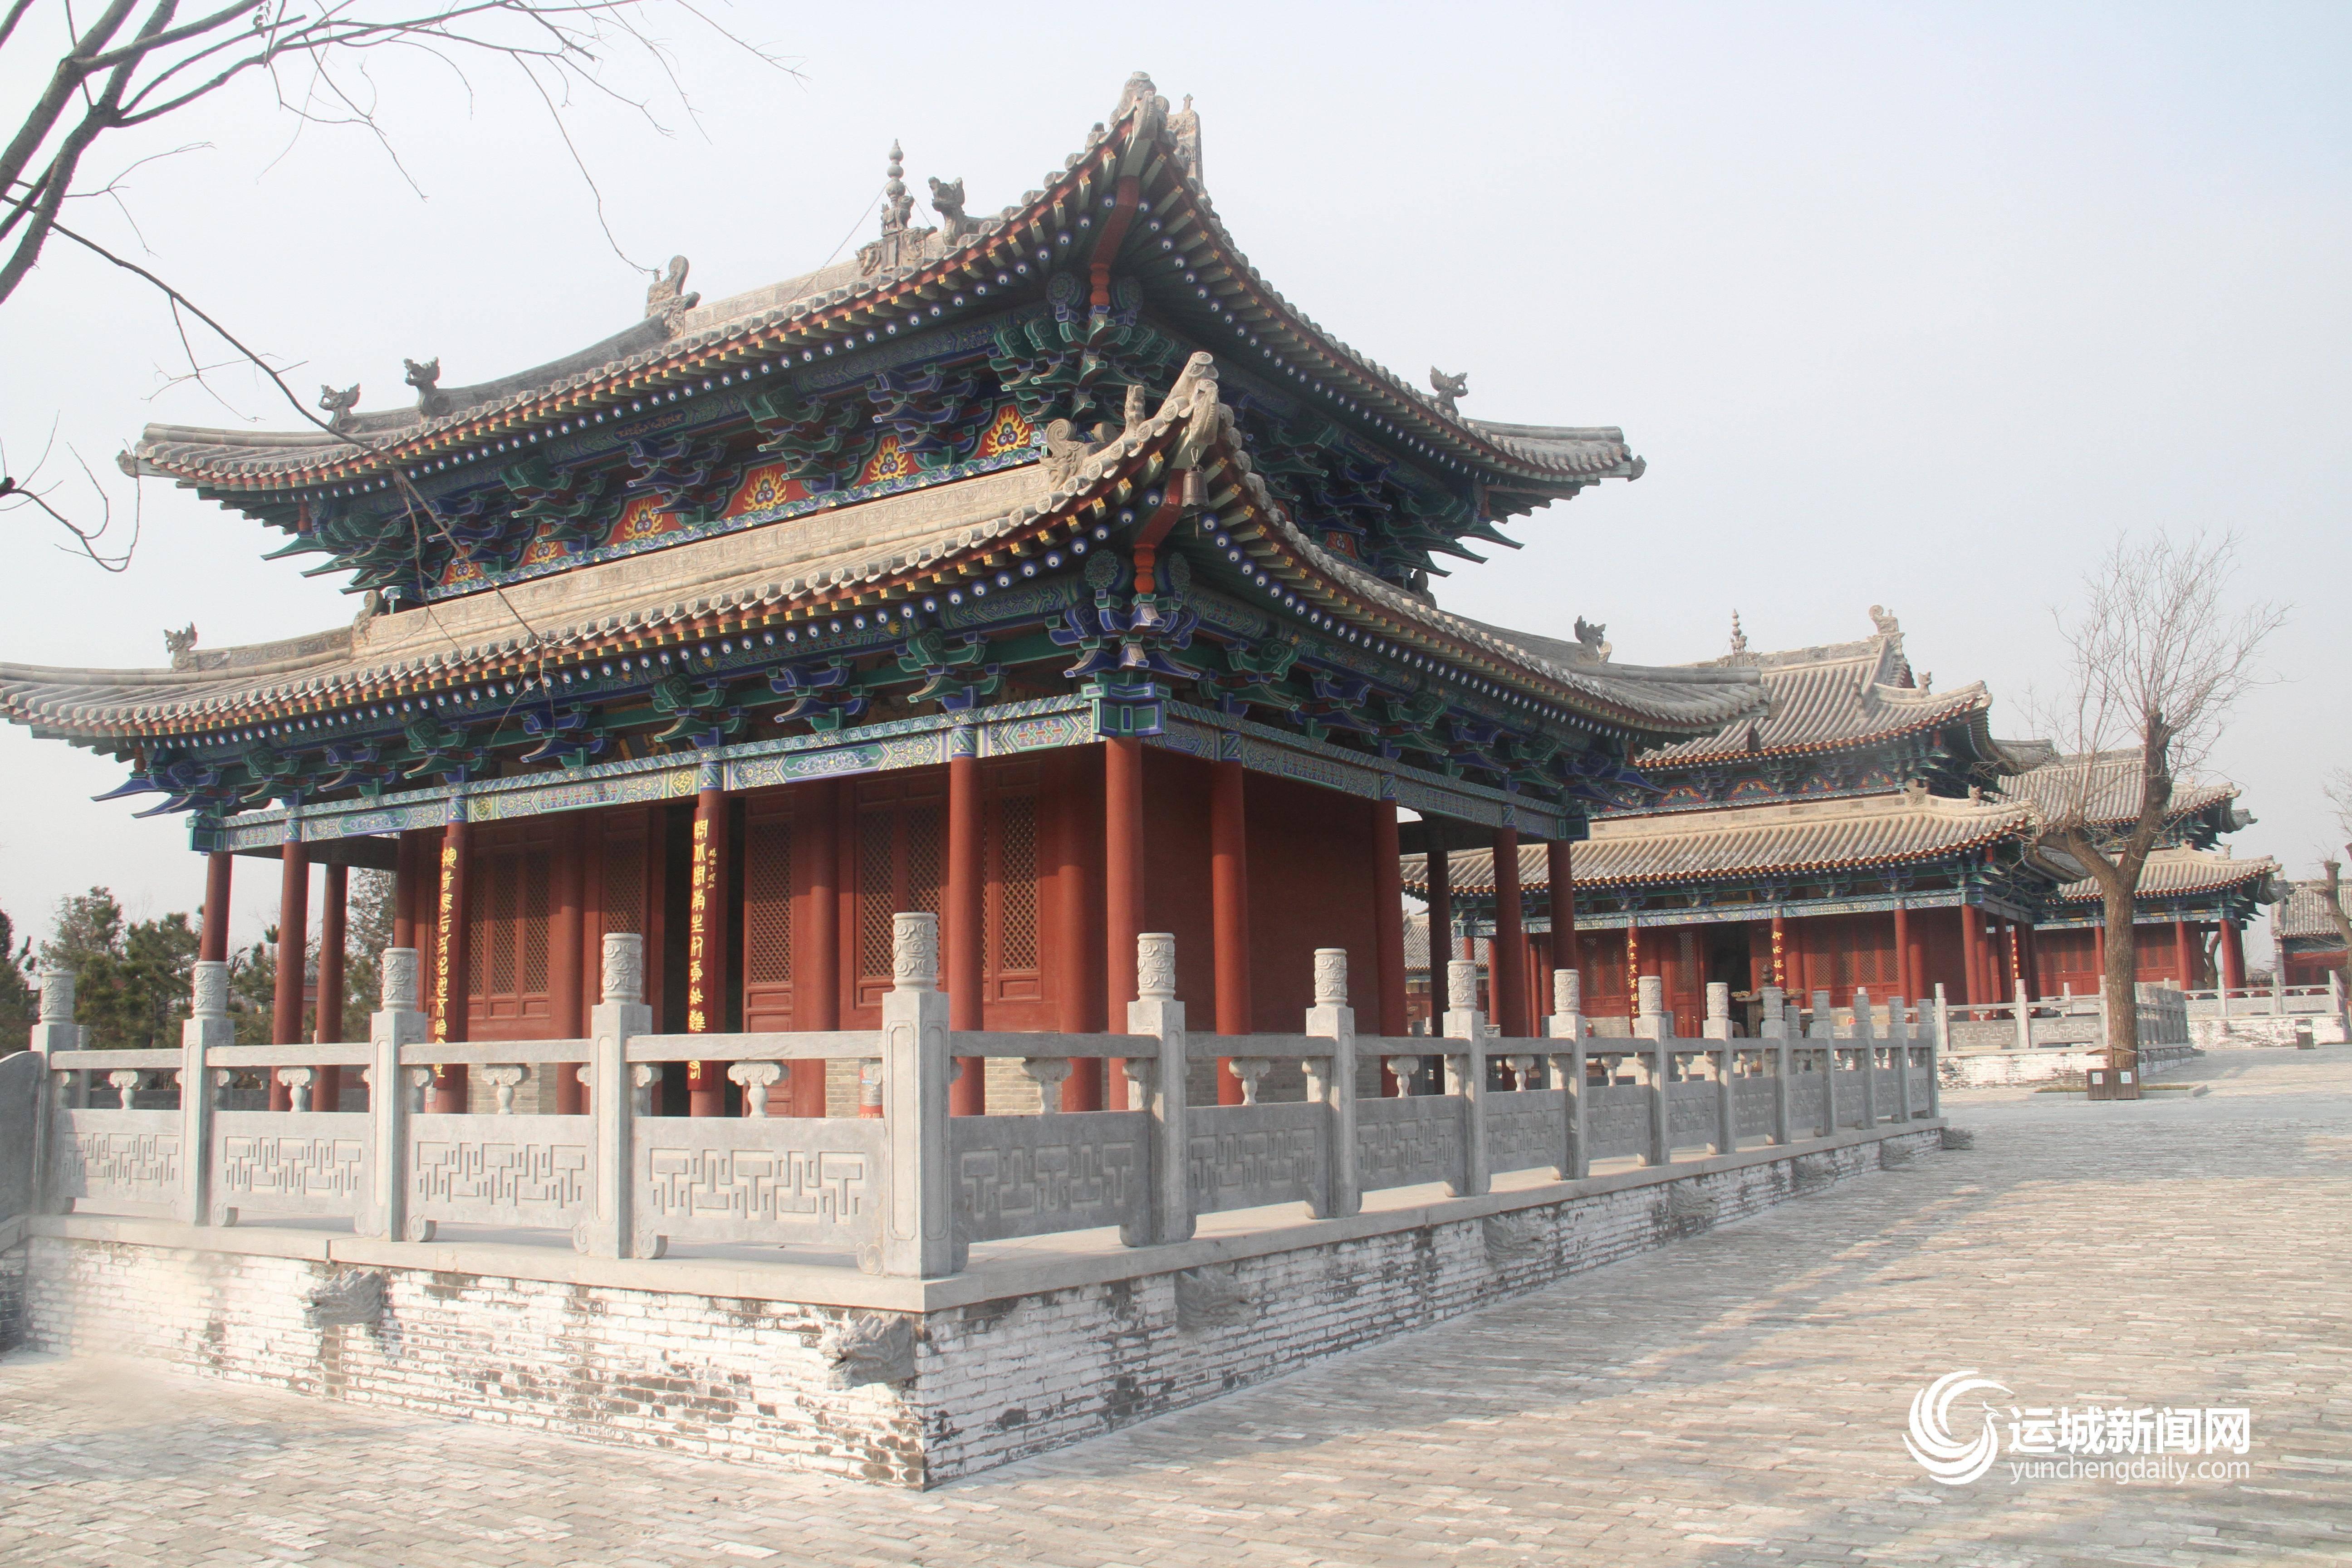 周仓文化园:平陆A级景区零的突破  第2张